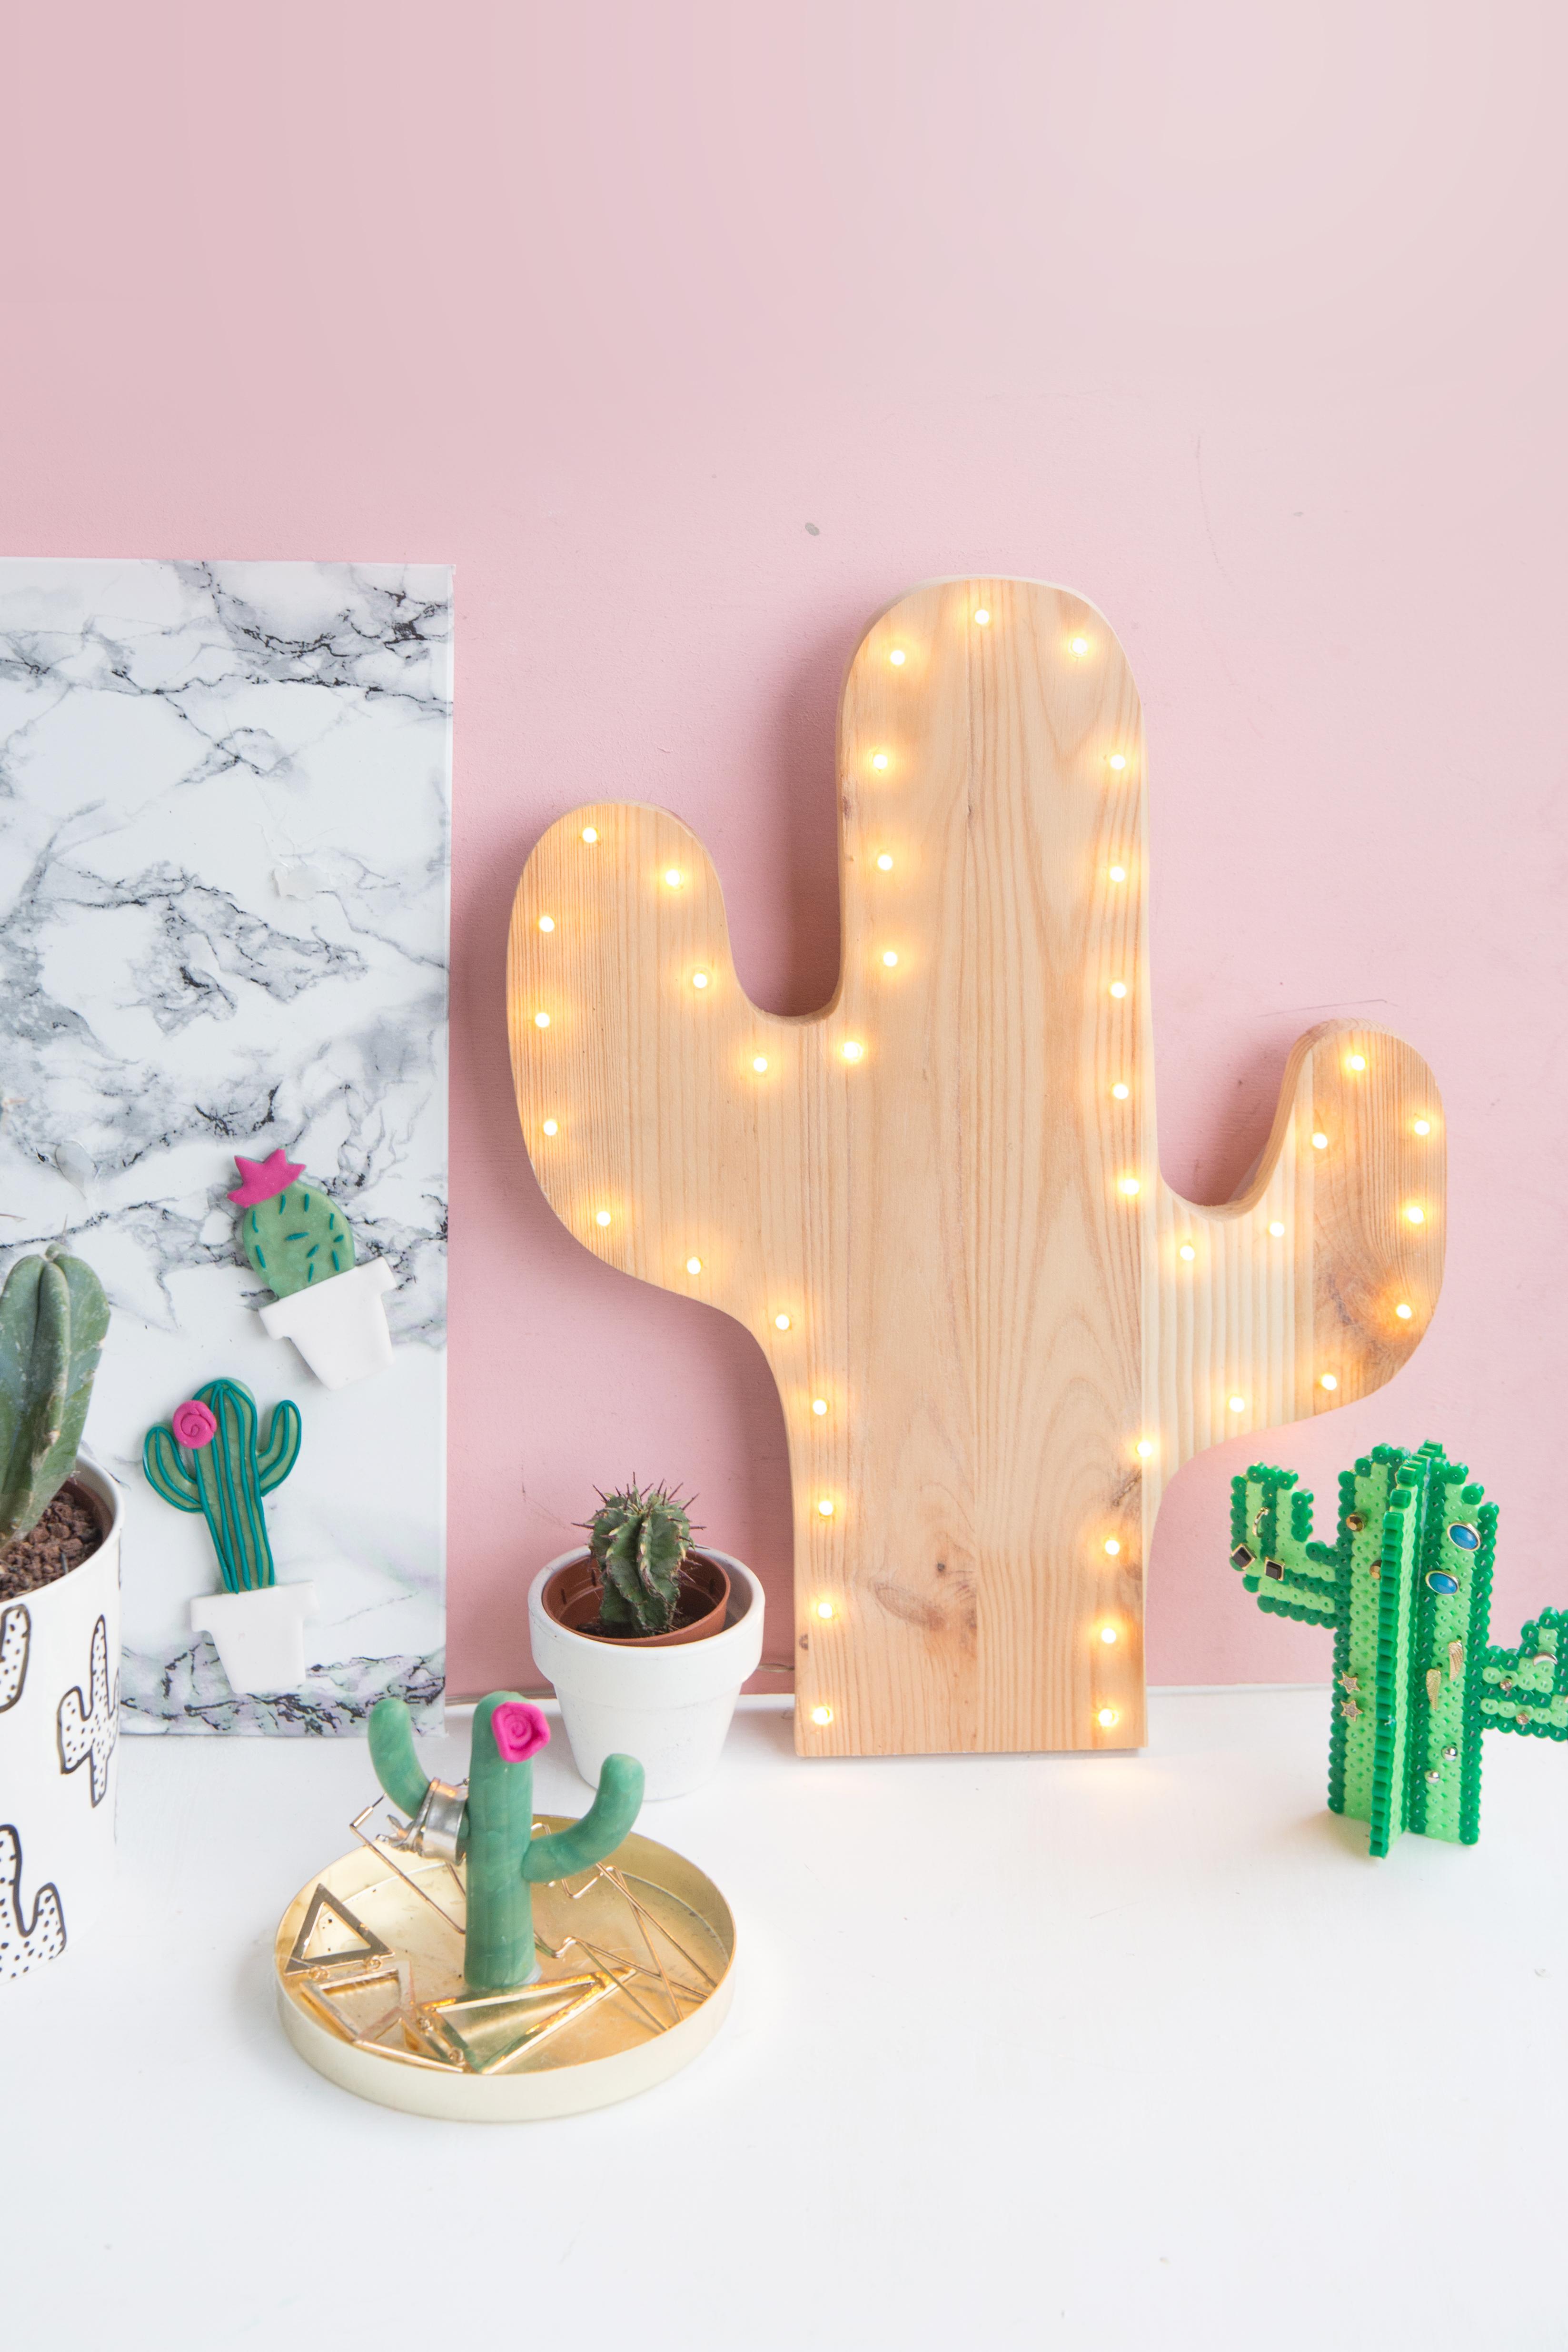 ... Dass Ich Doch Schon Echt Viiiiele Kaktus DIYs Gemacht Habe. Bei Mir  Zuhause Wohnen Mittlerweile Richtig Viele Echte Kakteen Und DIY Kaktus Ideen .